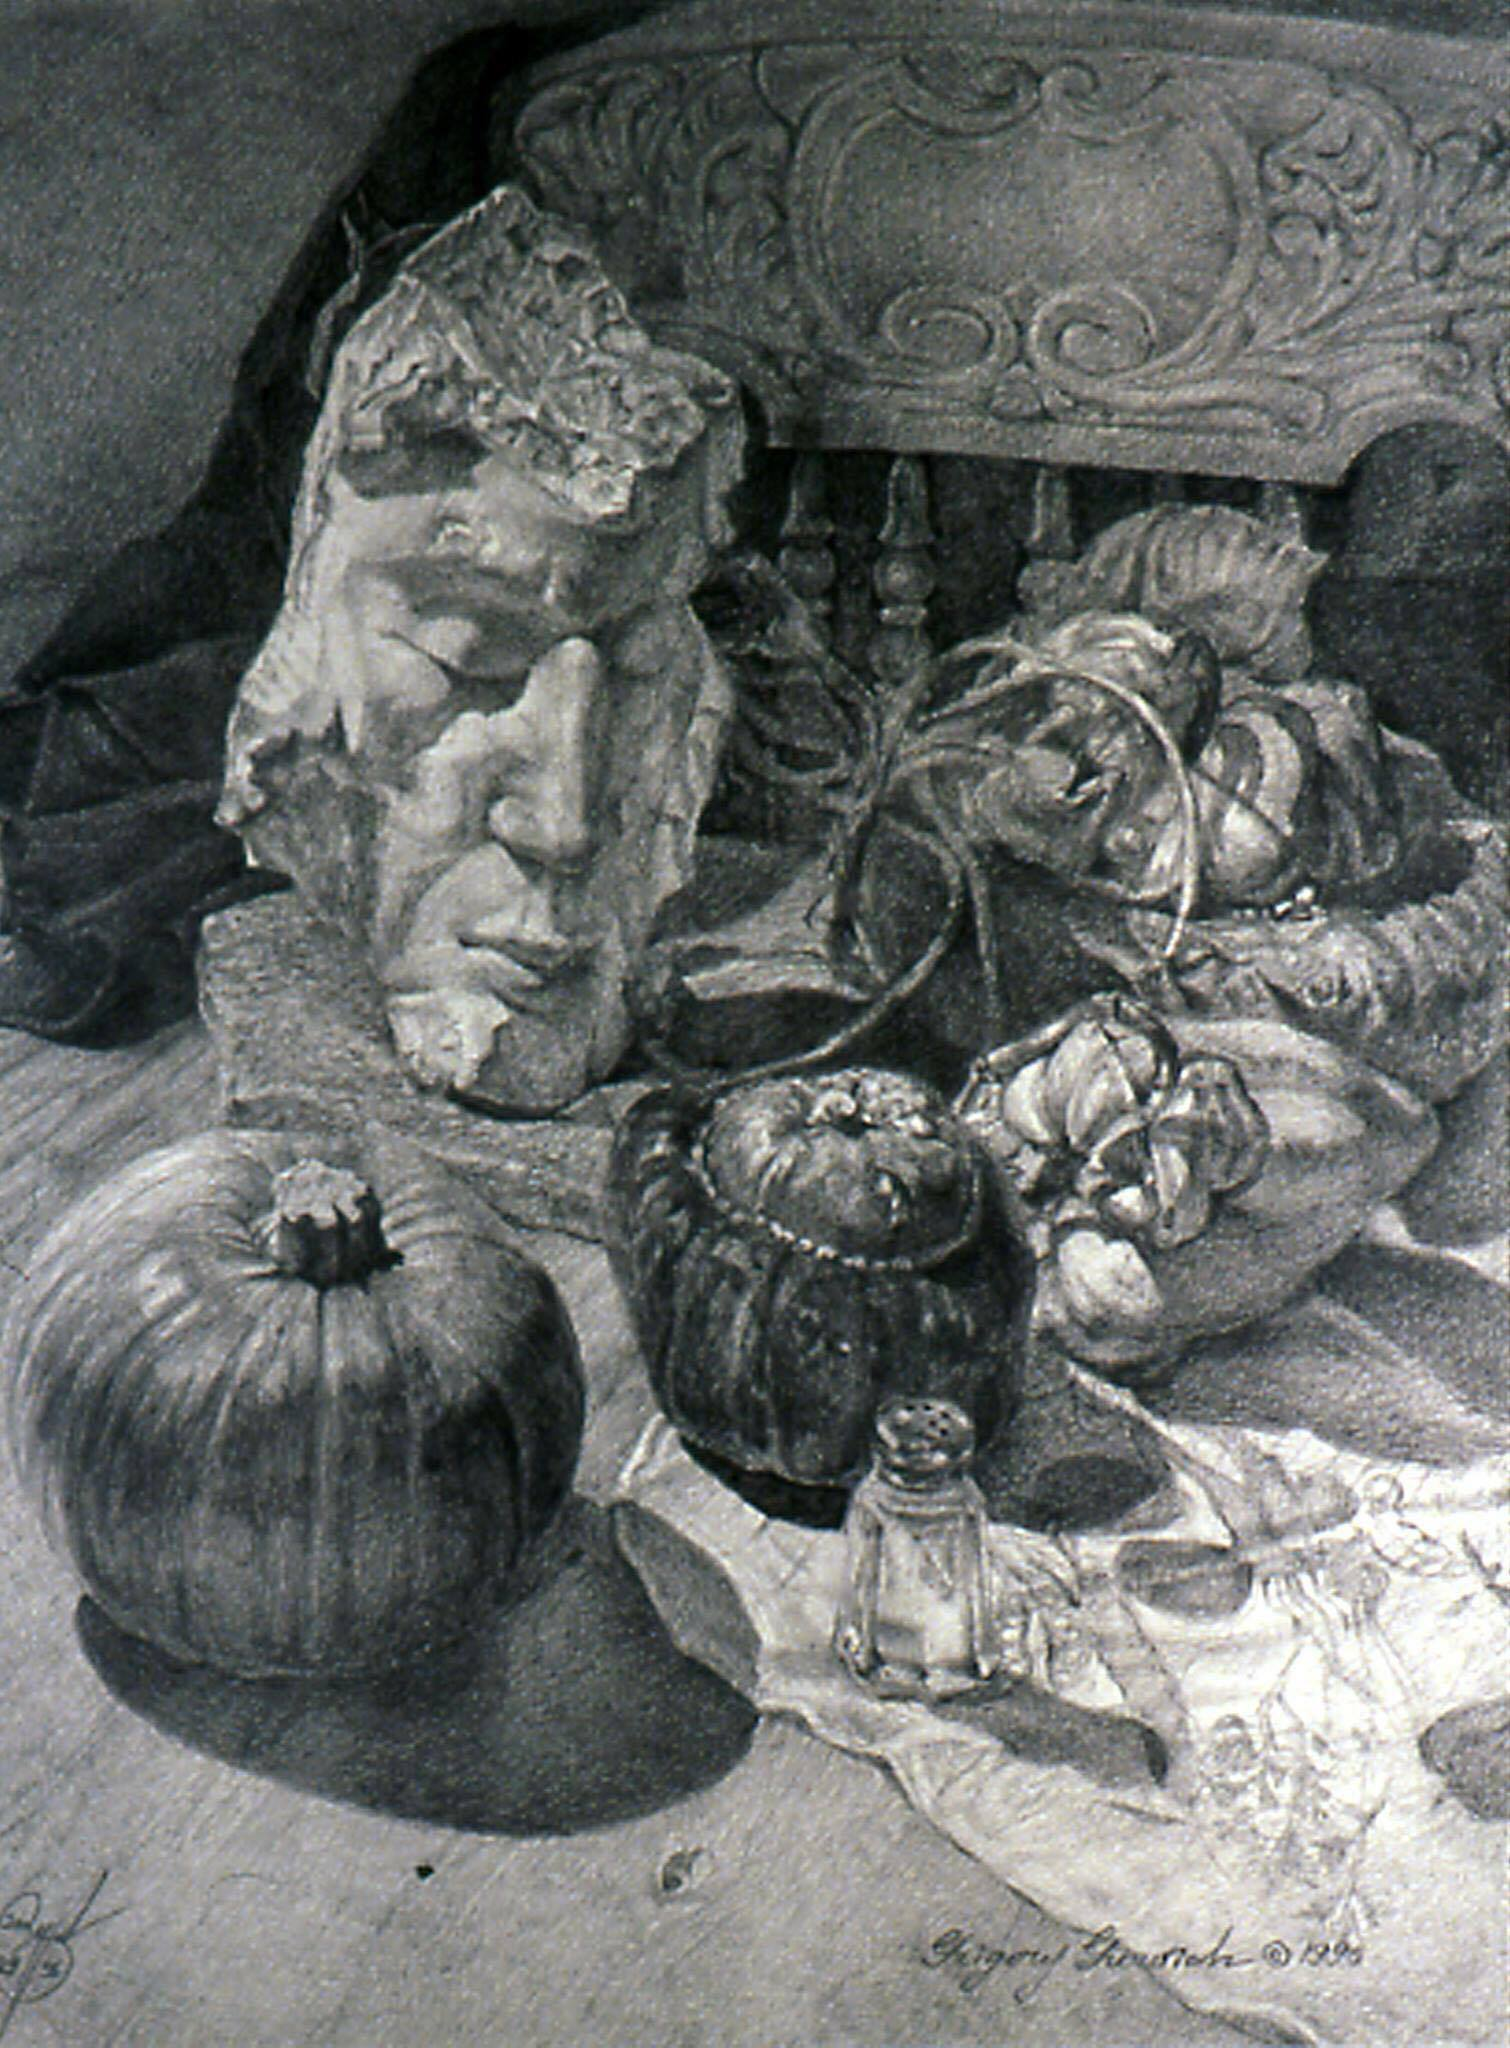 Рисунок карандашом, Медитация над тыквой, Г.Гуревич